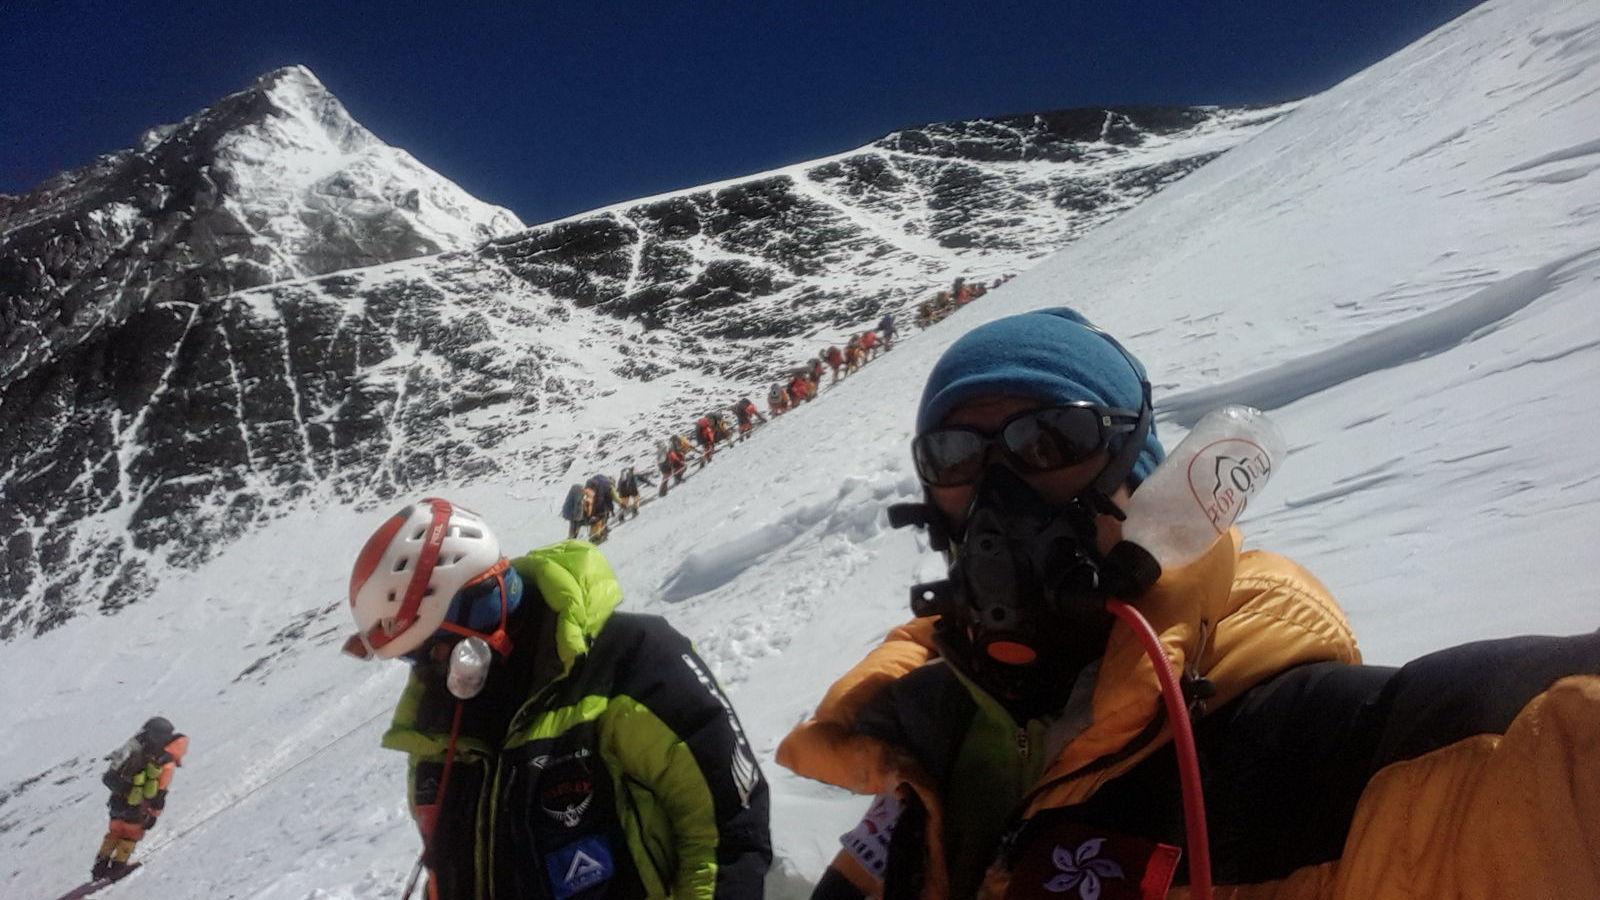 阿建與團隊剛從洛子峰頂回程折返,珠峰人龍就在身後。